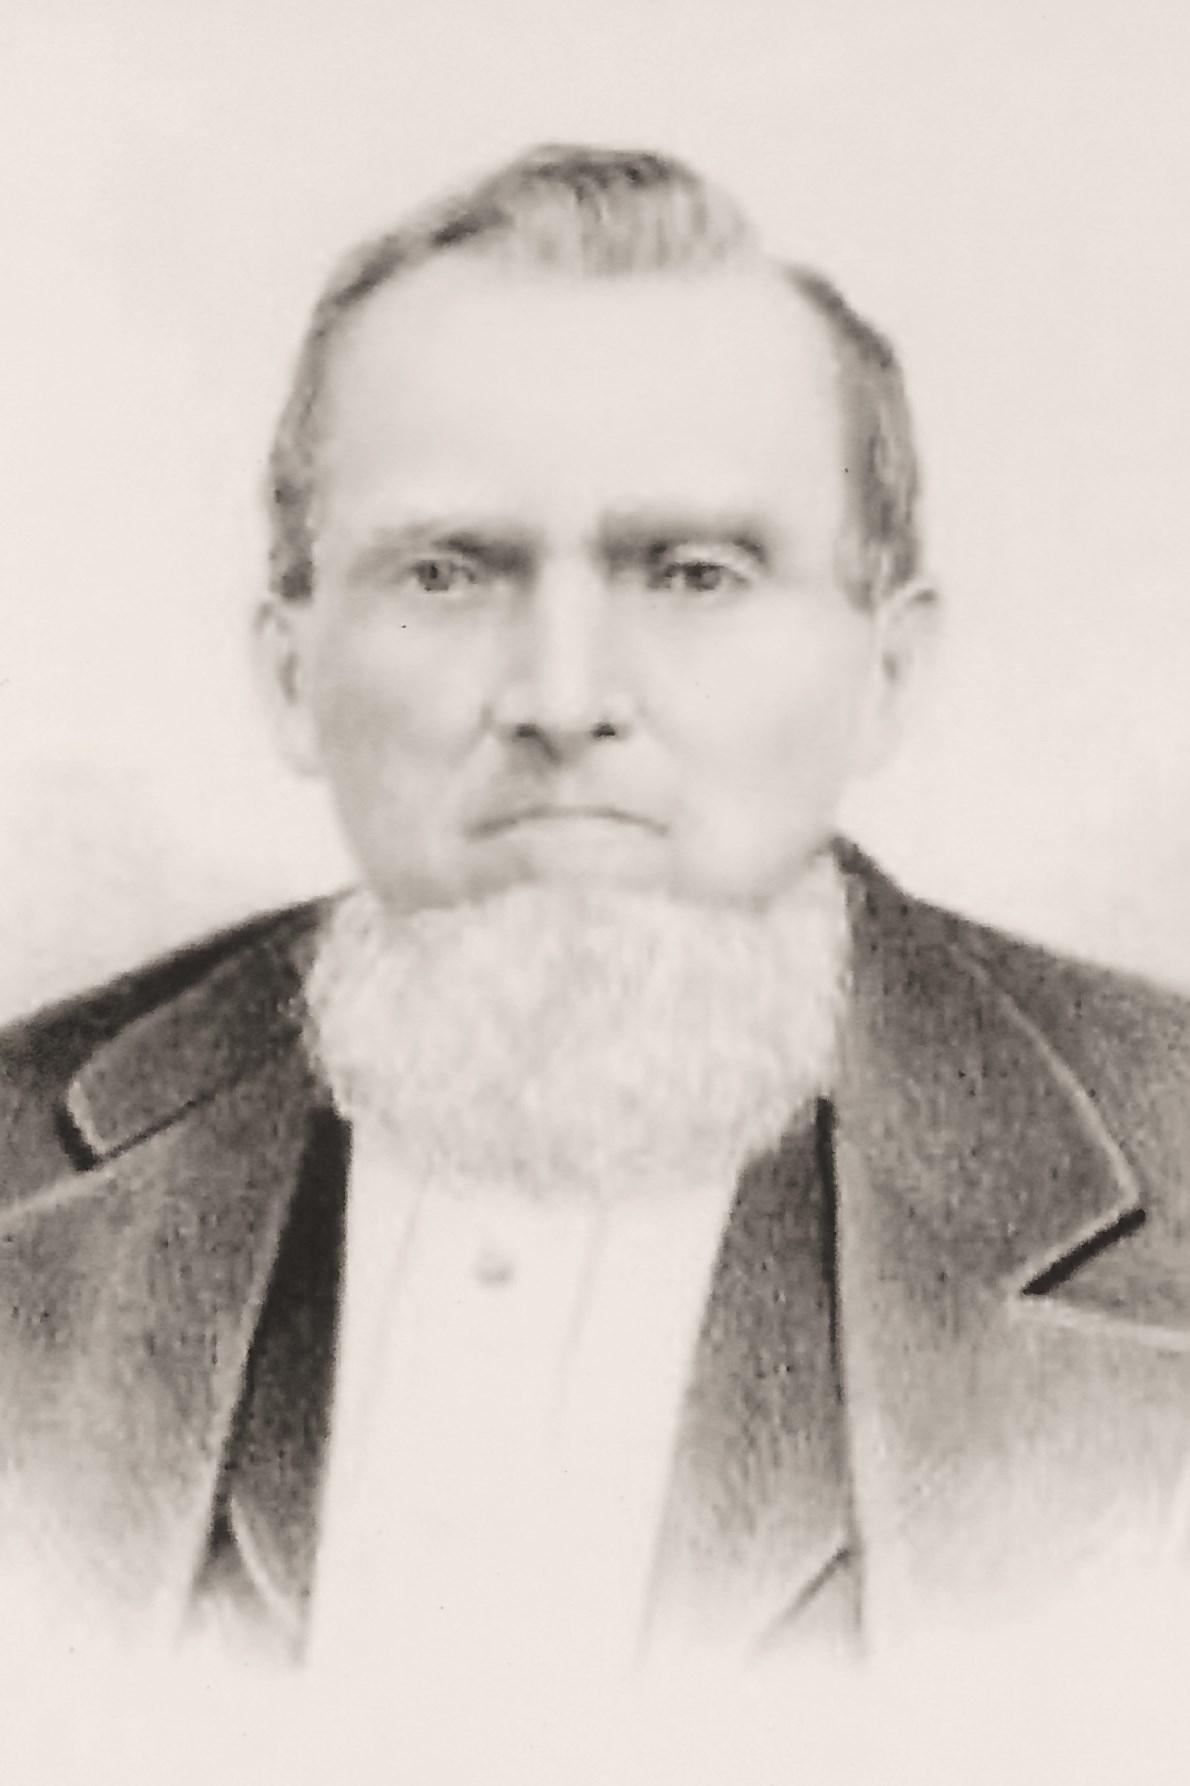 Lambert Schuyler Sternberg